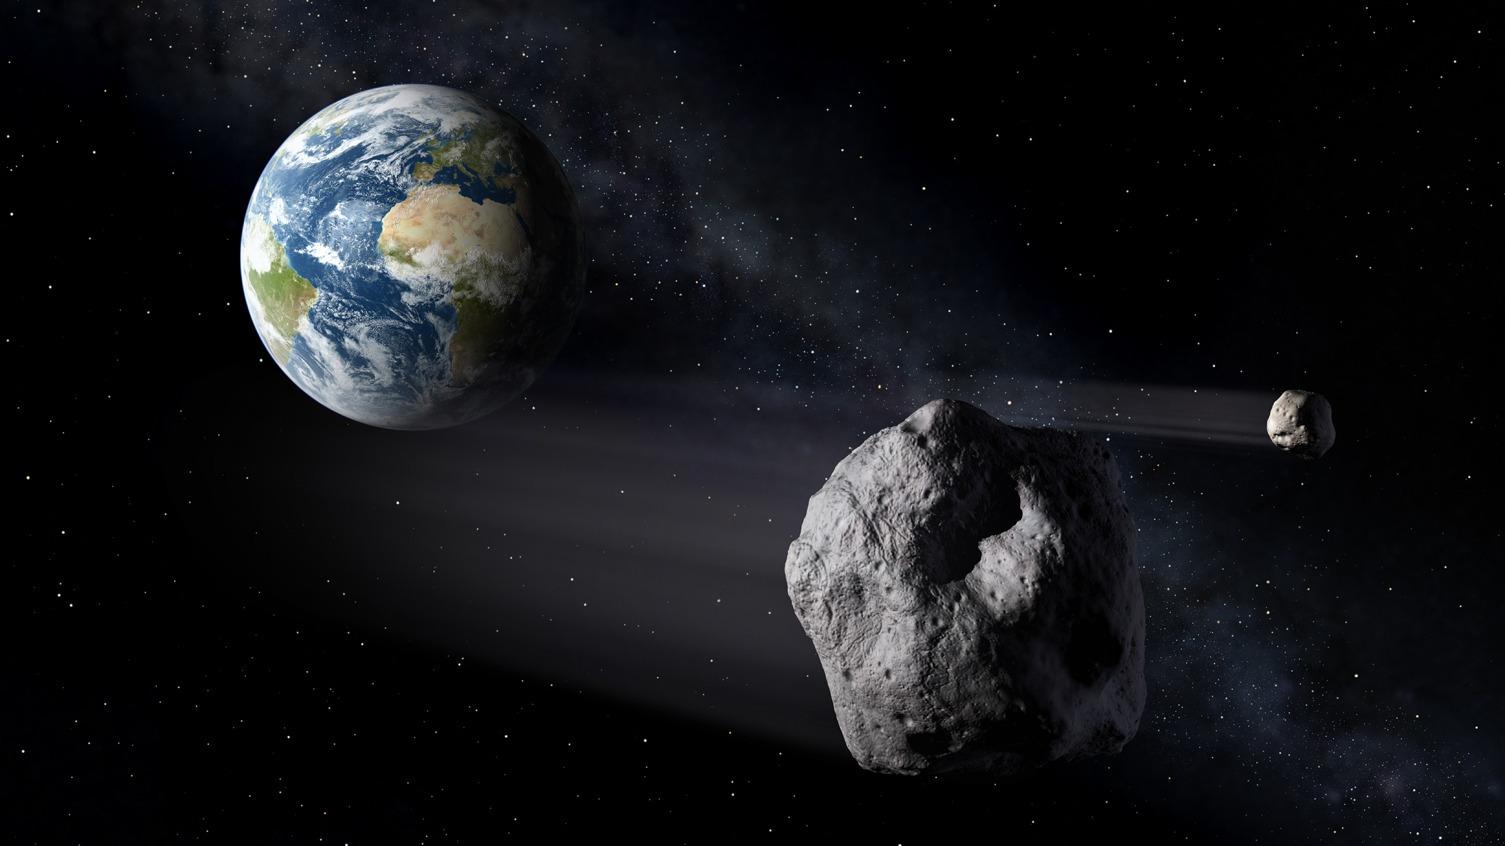 Asteroide si avvicina alla Terra, nullo il rischio di impatto